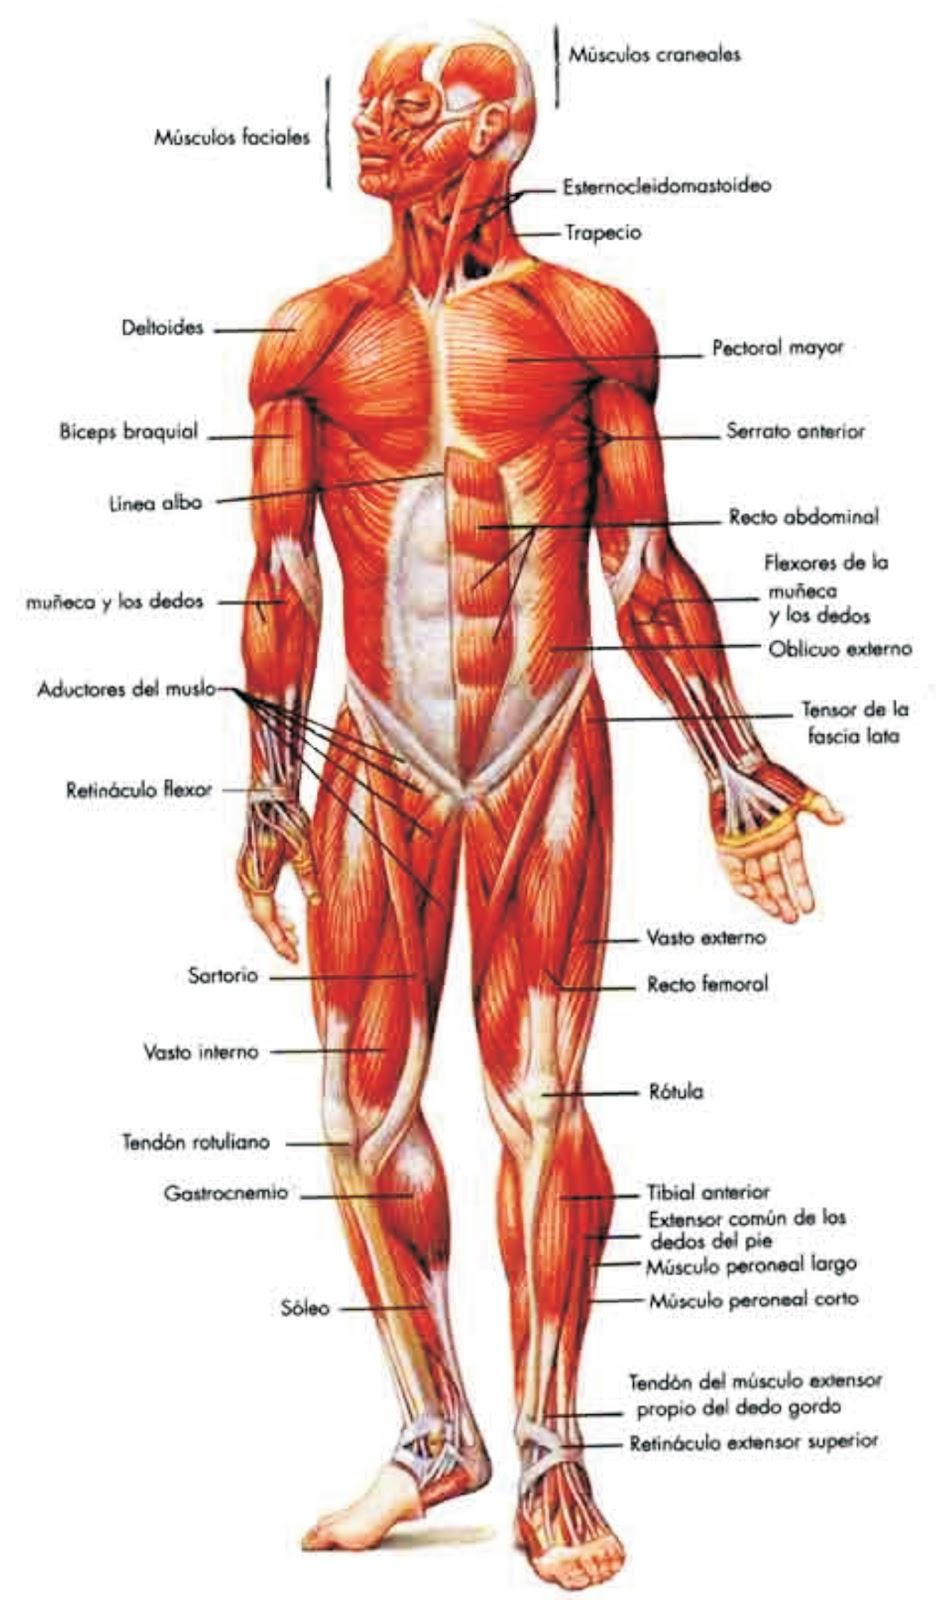 PROFE ANIBAL EDUCACION FISICA: MUSCULOS DEL CUERPO HUMANO